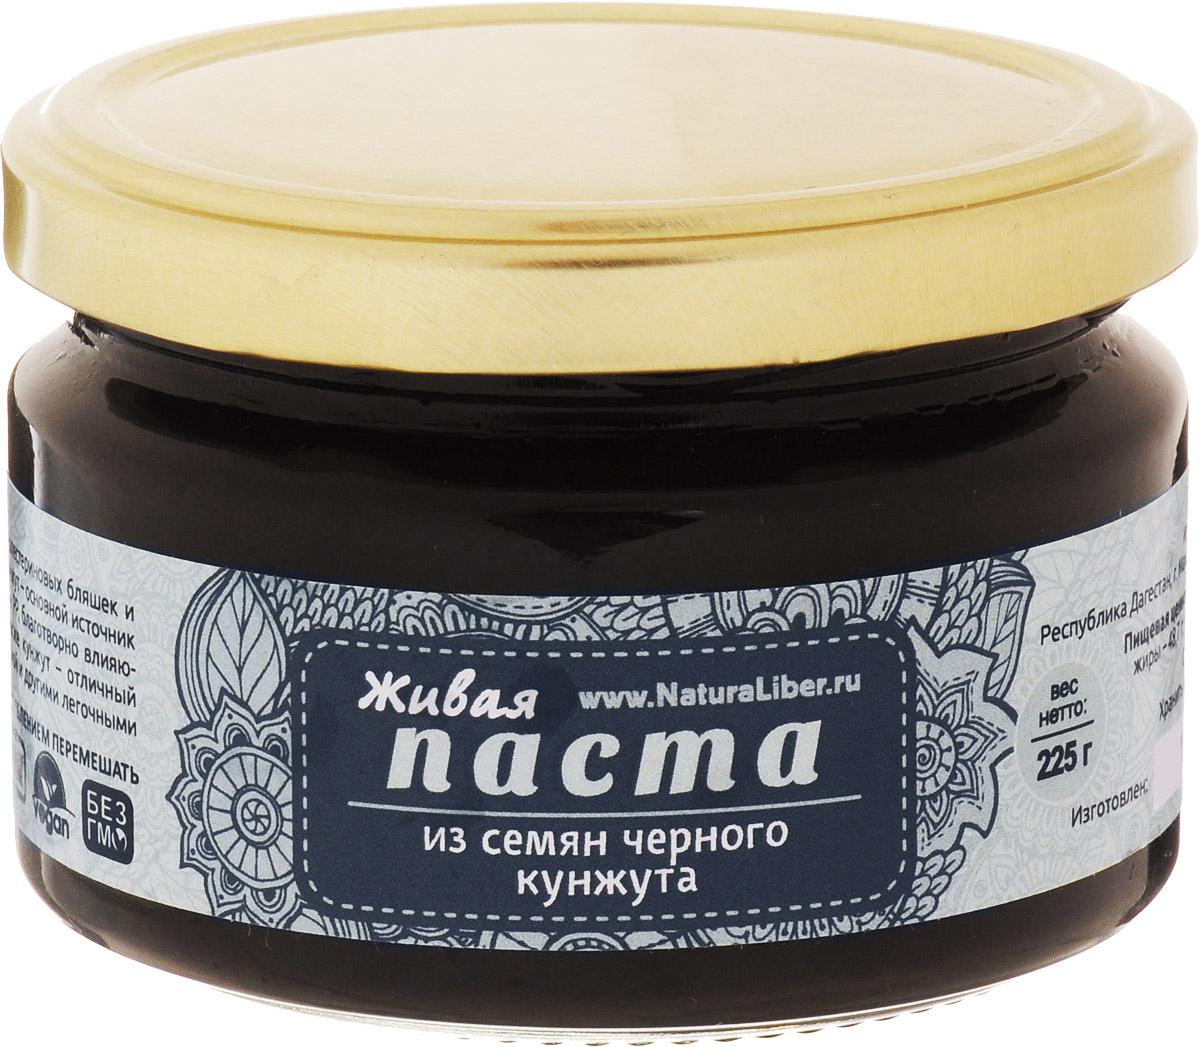 NaturaLiber паста из семян черного кунжута, 225 г00-00000132Кунжут прекрасно очищает сосуды от холестериновых бляшек и улучшает формулу крови. Функцию снижения холестерина выполняет содержащийся в семенах кунжута бета-ситостерин. Кроме того кунжут - основной источник извести в организме, а входящий в его состав витамин PP благотворно влияет на пищеварительную систему. Также кунжут - отличный помощник в борьбе с бронхиальной астмой и другими легочными заболеваниями.